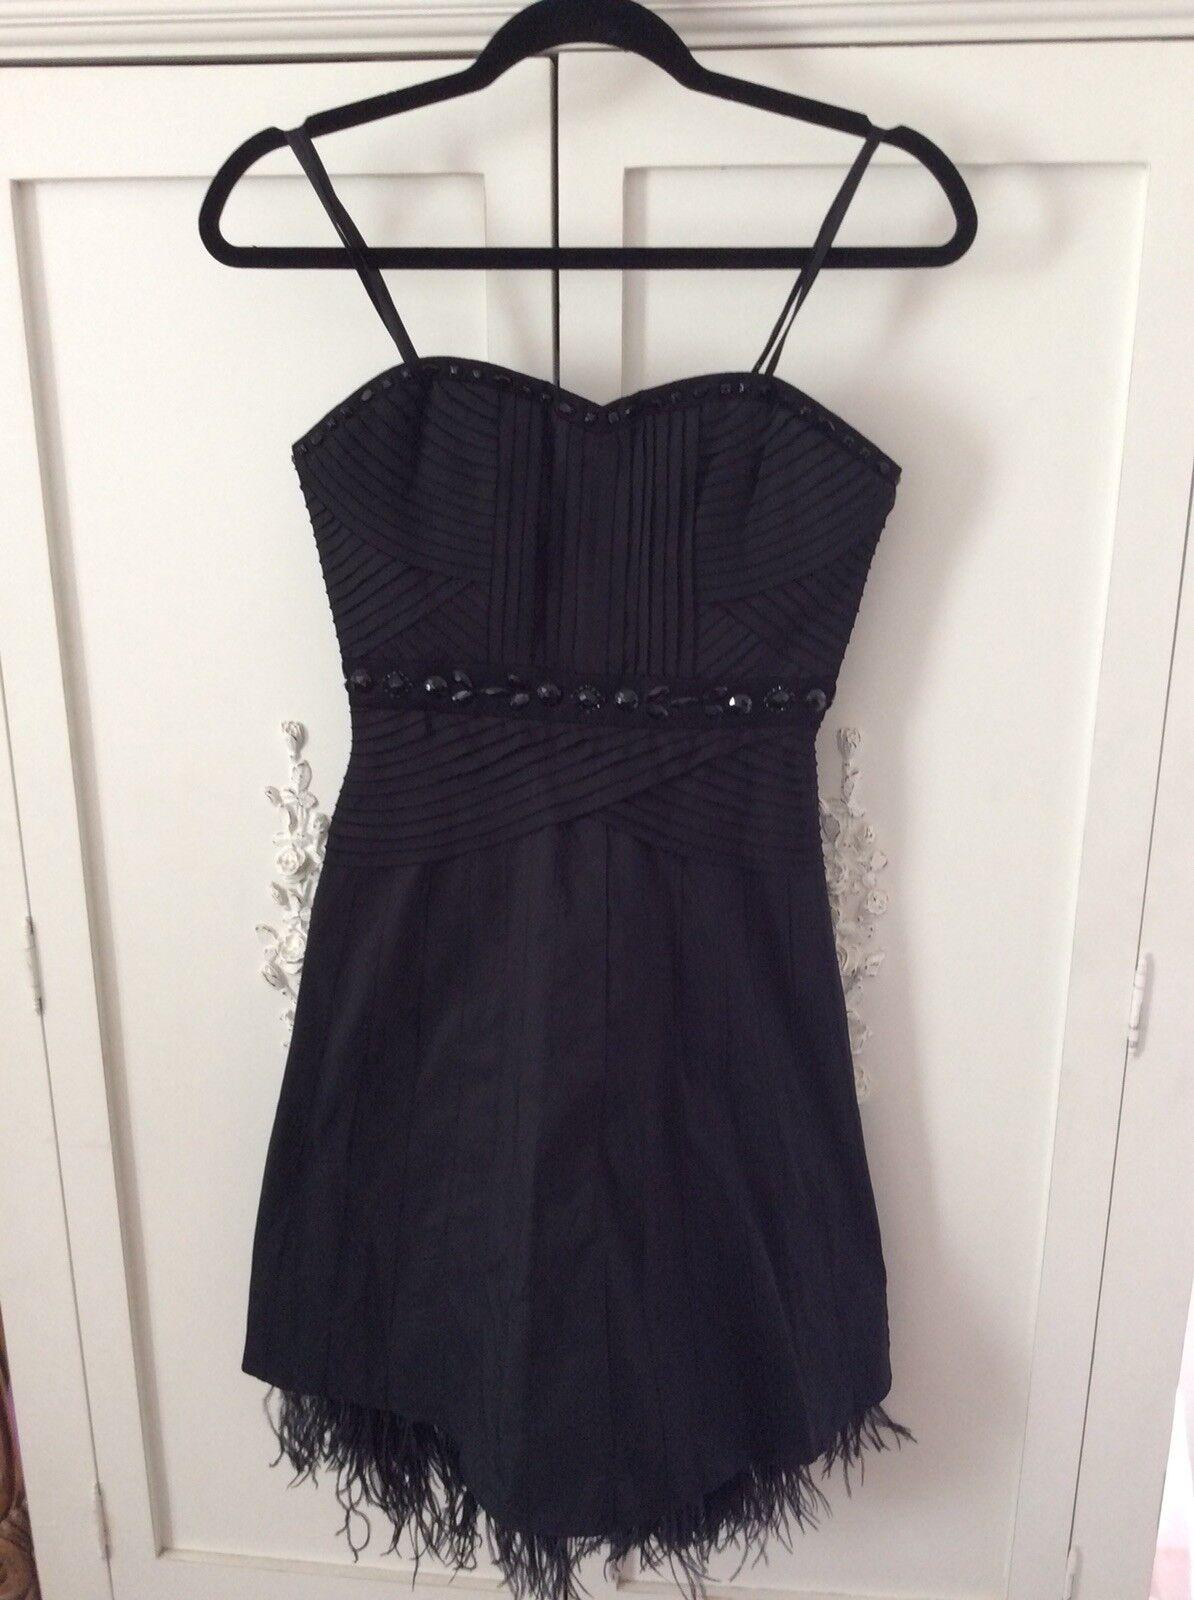 BCBGMaxAzria schwarz beaded  Dress Feathers Größe 4 retails  for 518